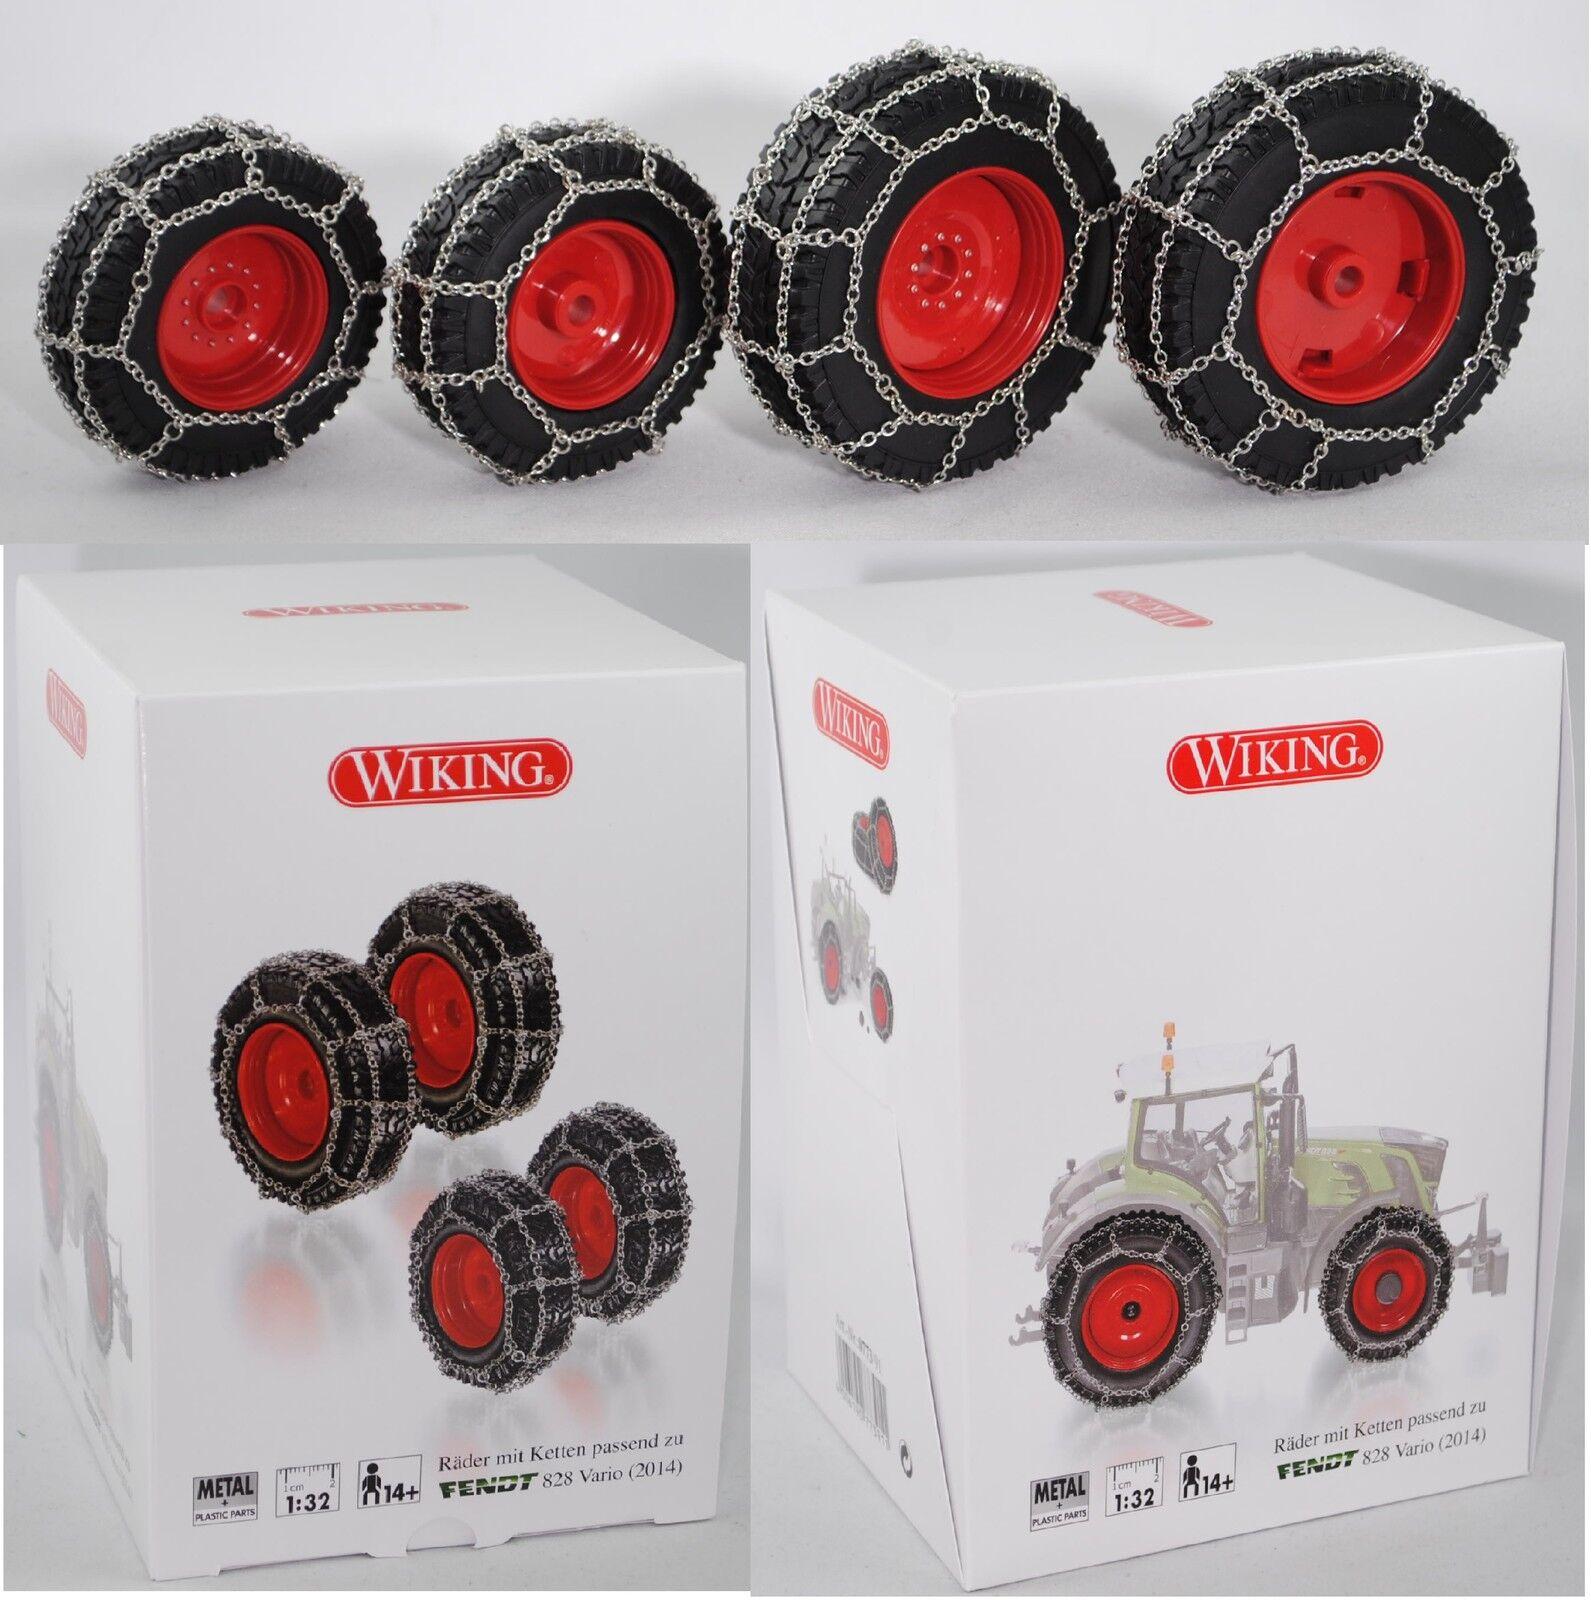 marcas de moda Juego de ruedas de 077391 077391 077391 Wiking con cadenas para fendt 828 Vario tractor 1 32  barato y de moda